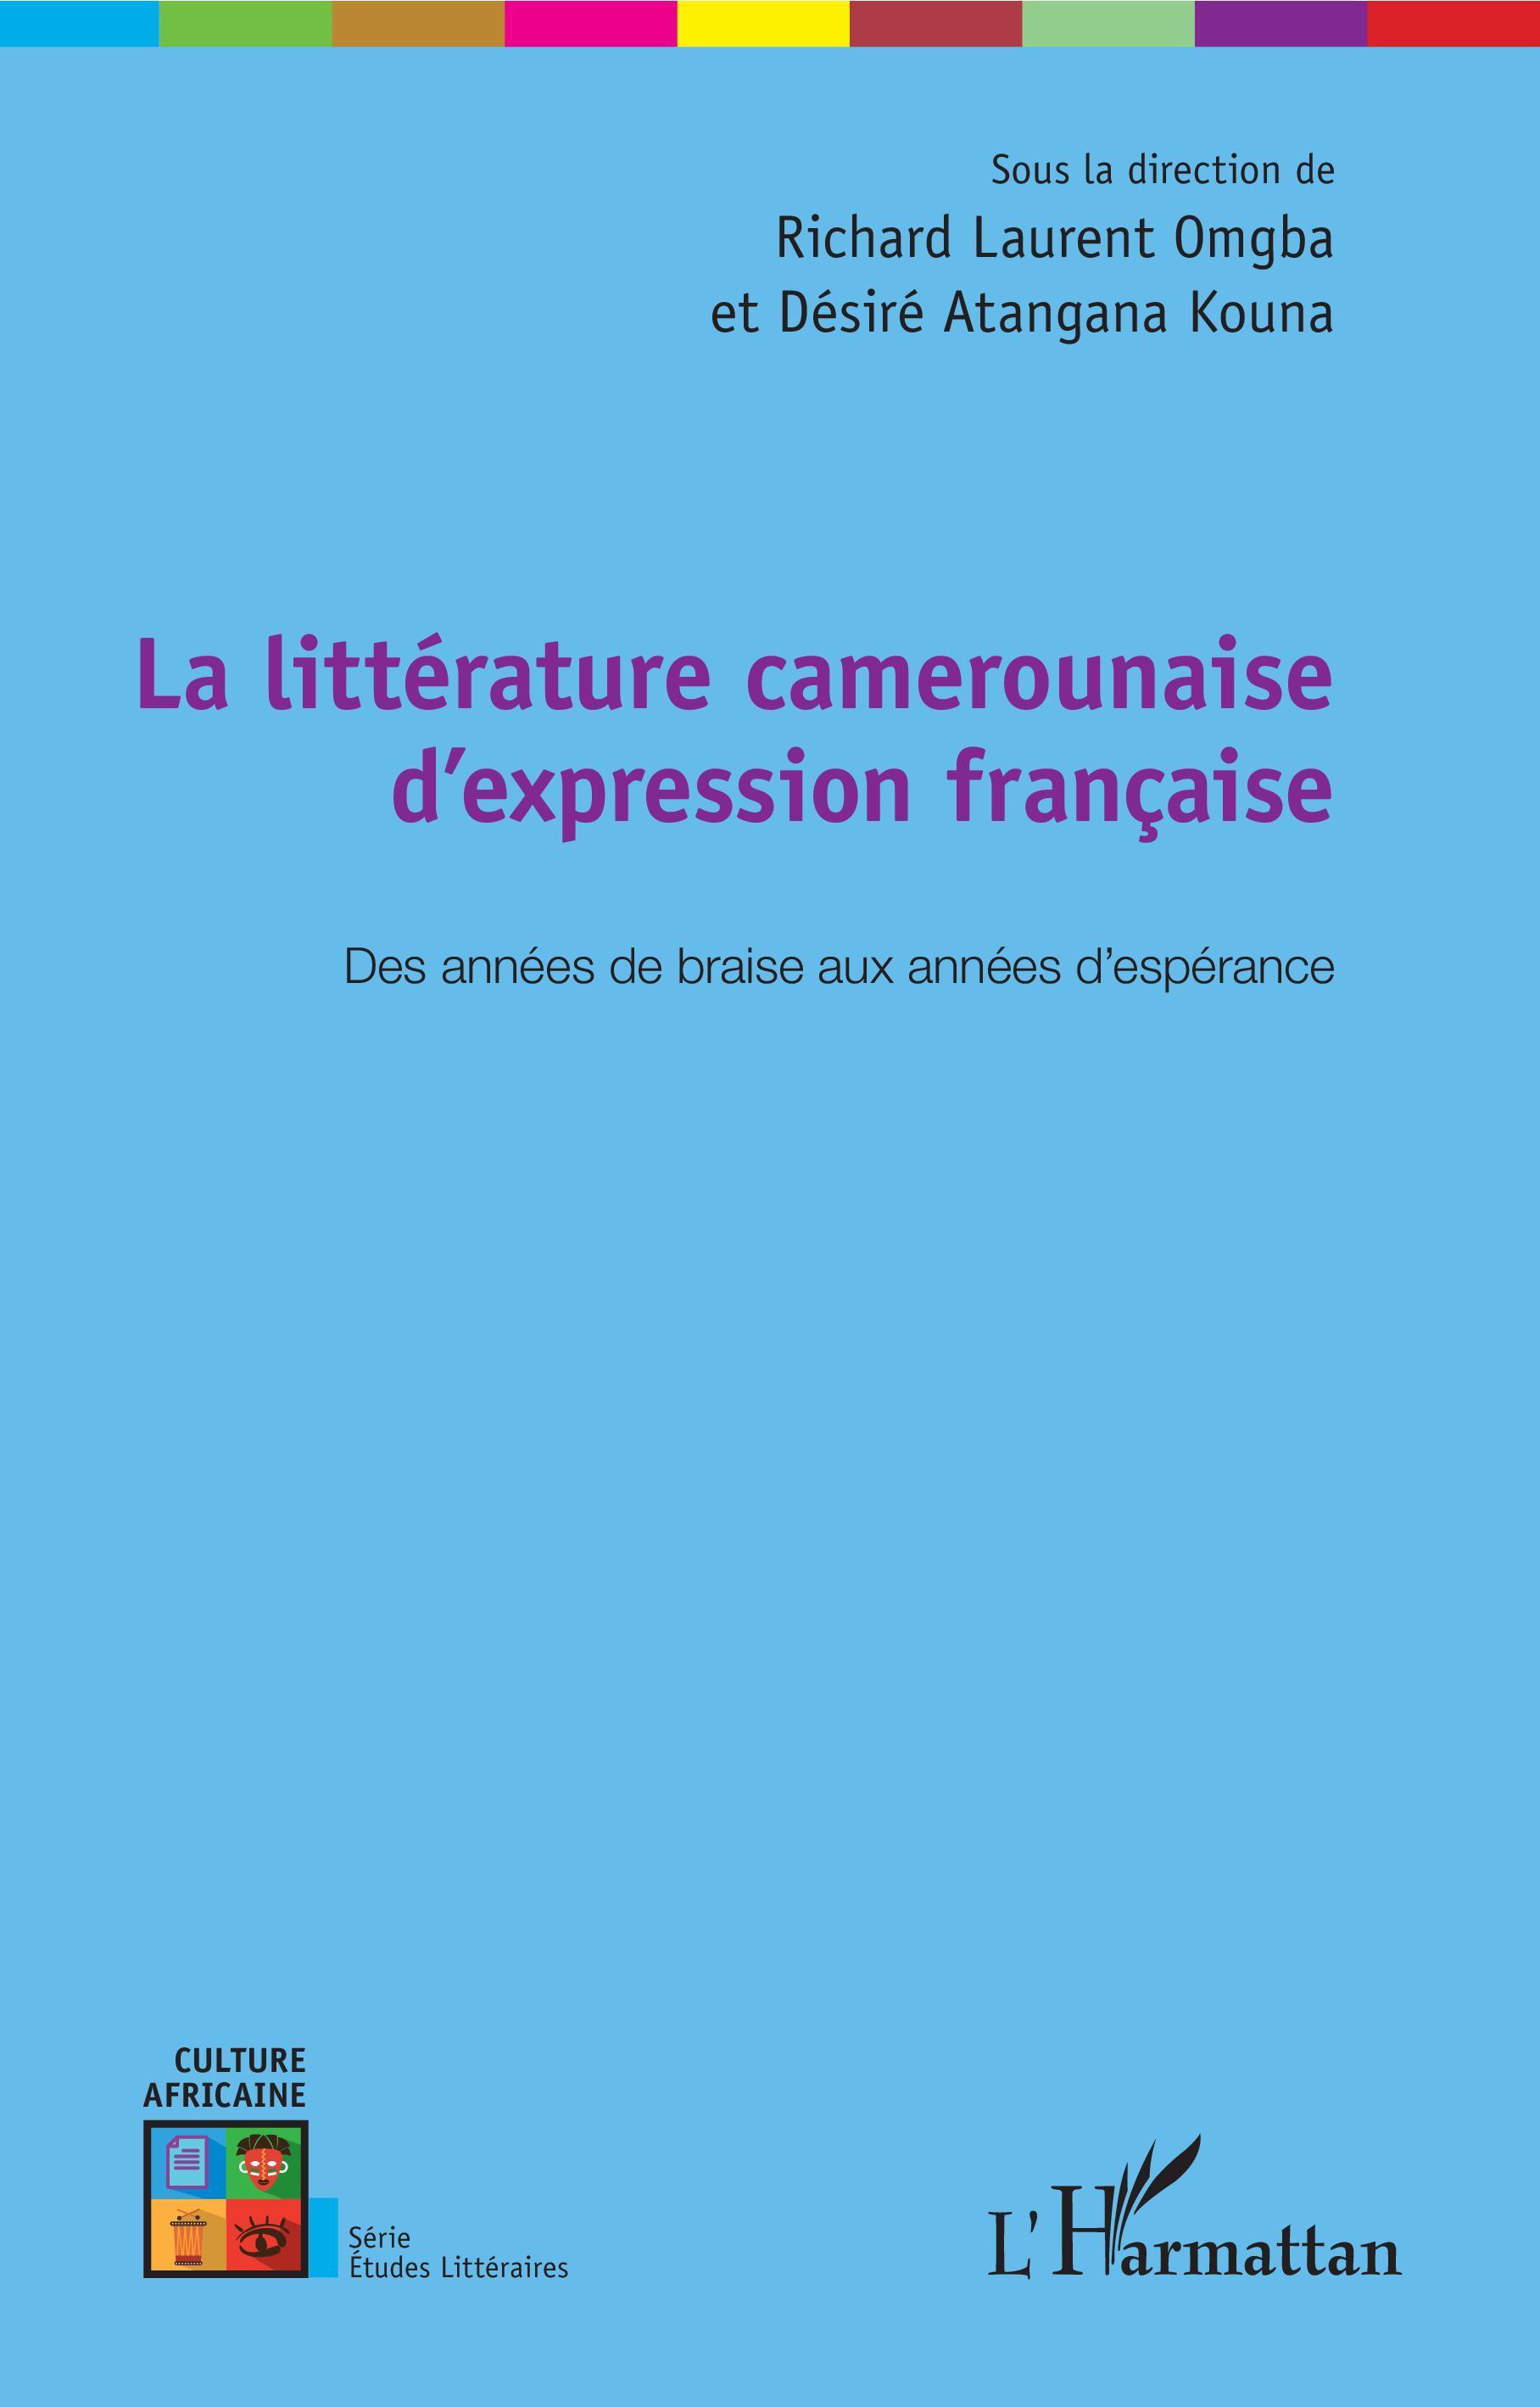 LA LITTERATURE CAMEROUNAISE D'EXPRESSION FRANCAISE - DES ANNEES DE BRAISE AUX ANNEES D'ESPERANCE